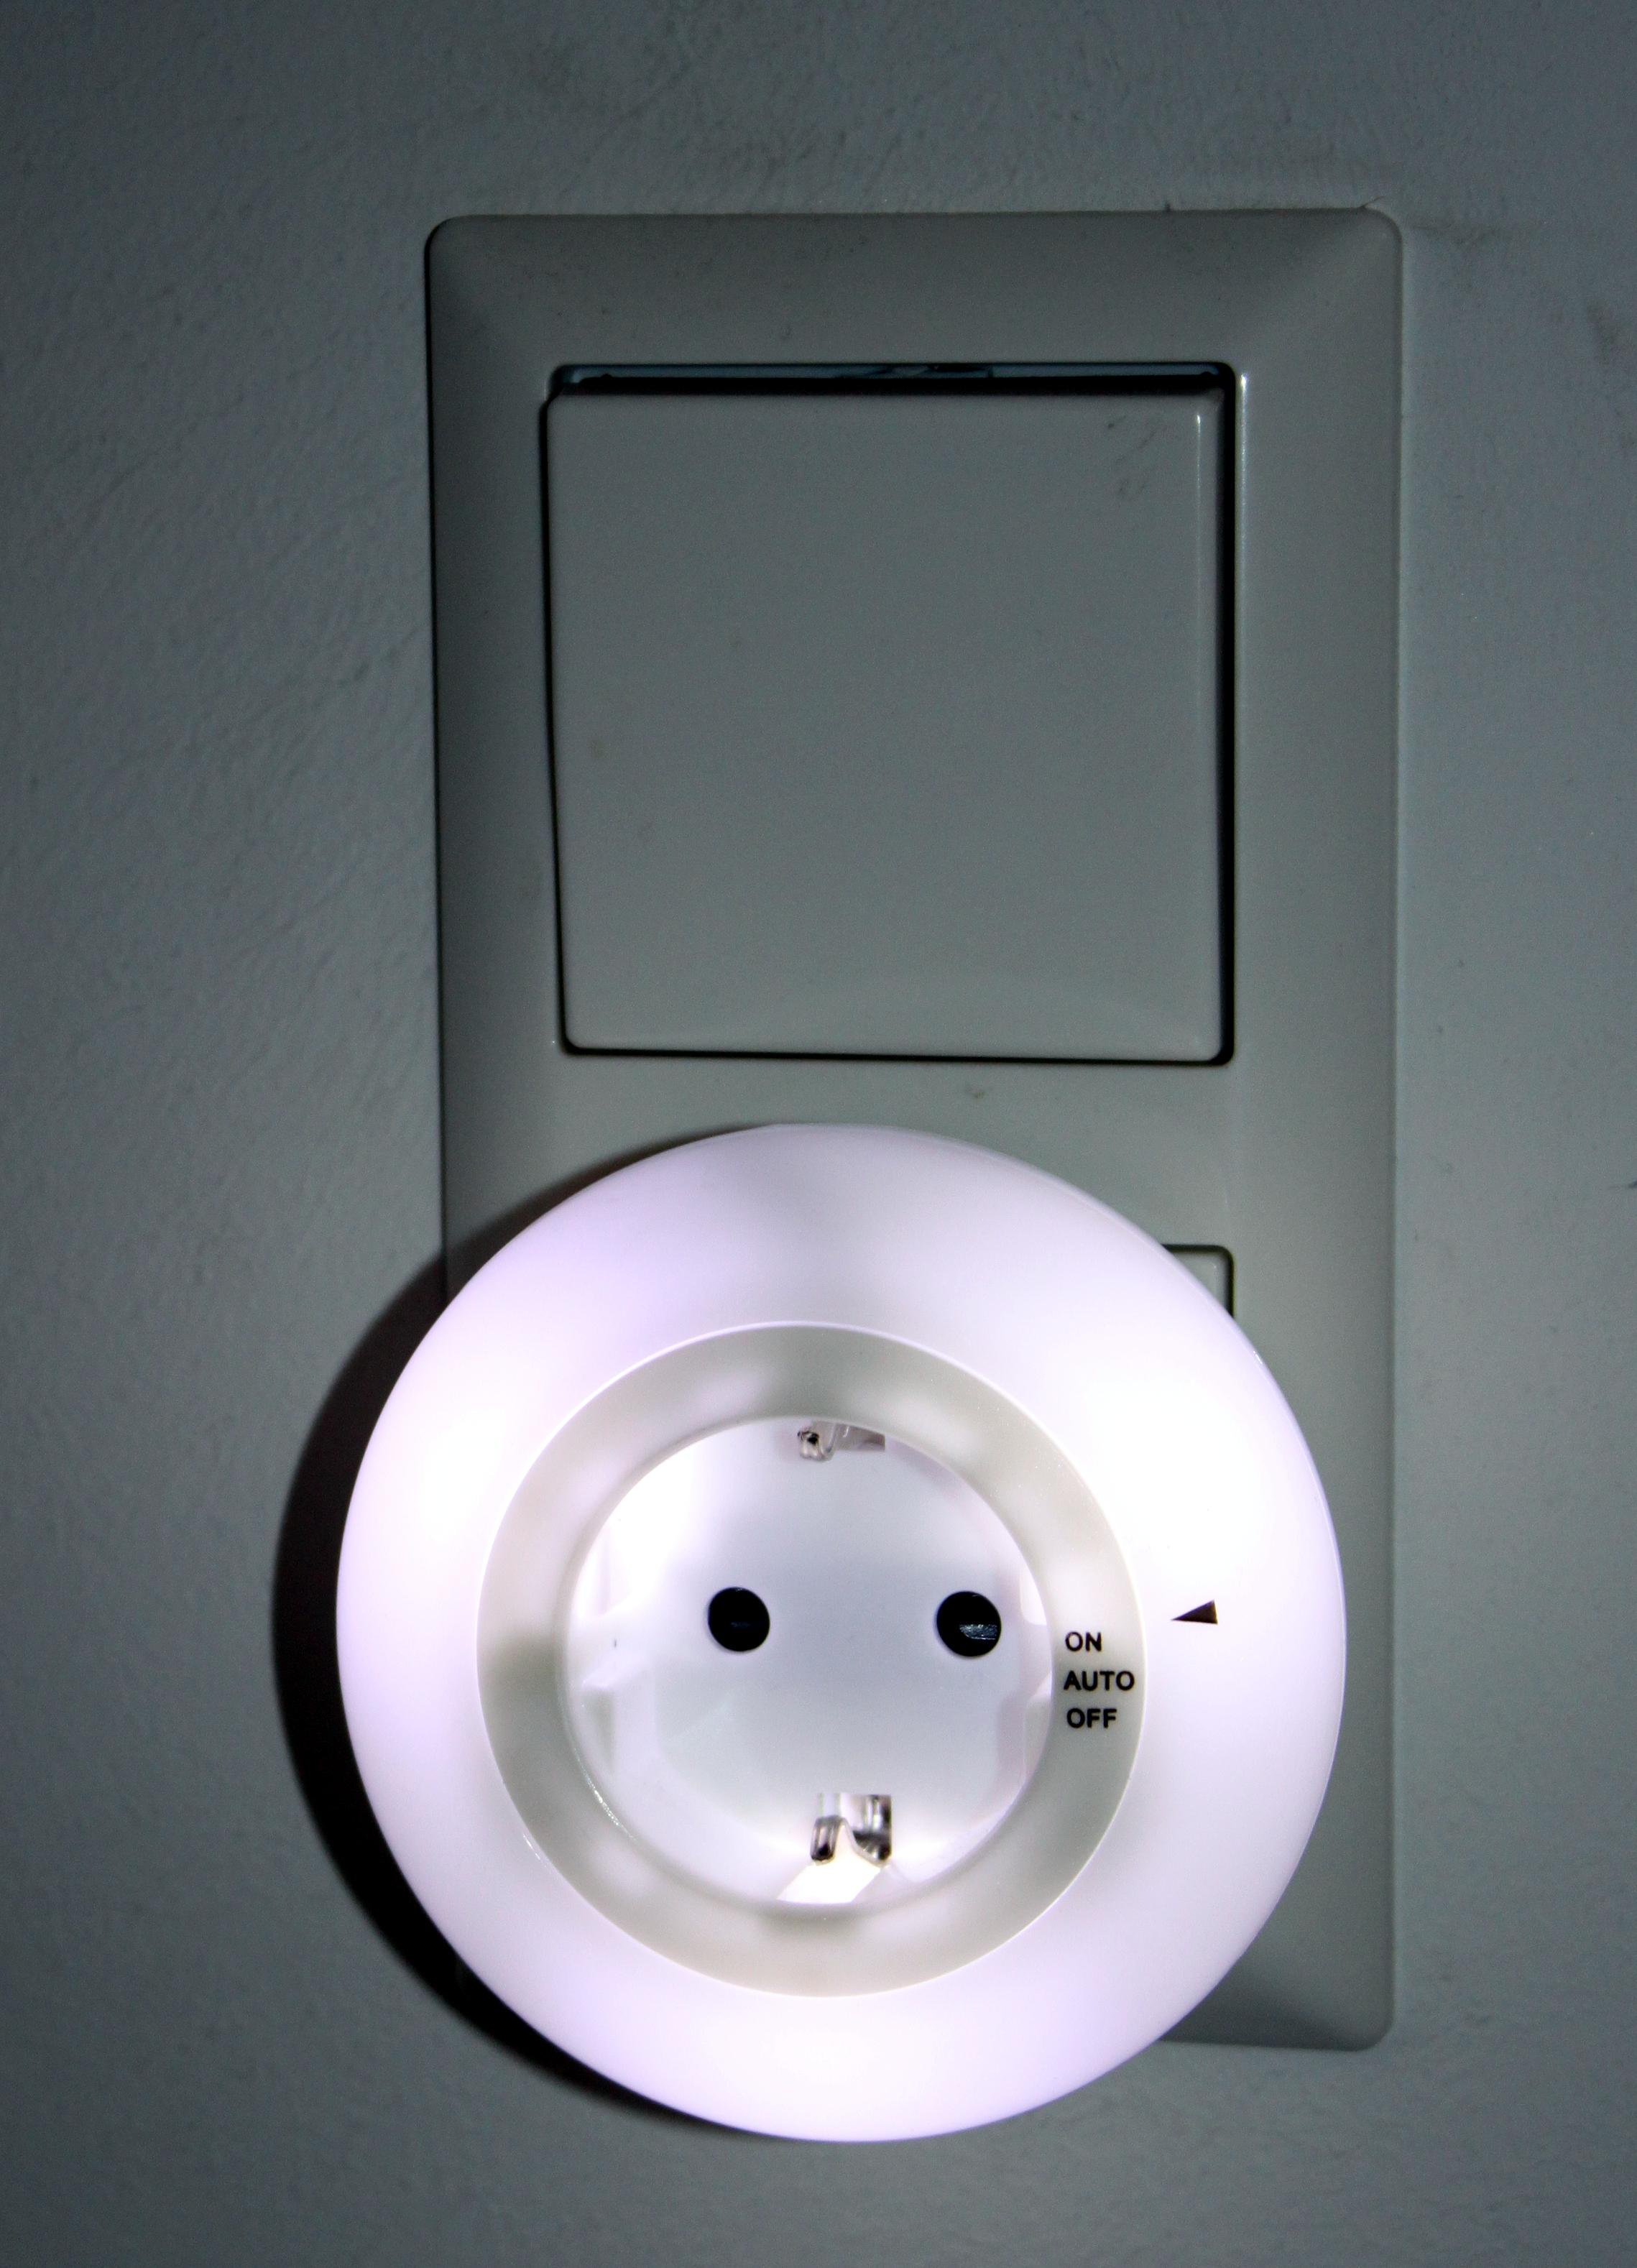 k b haushaltswaren led kinderlicht f r steckdose nachtlicht nachtlampe nachtleuchte. Black Bedroom Furniture Sets. Home Design Ideas